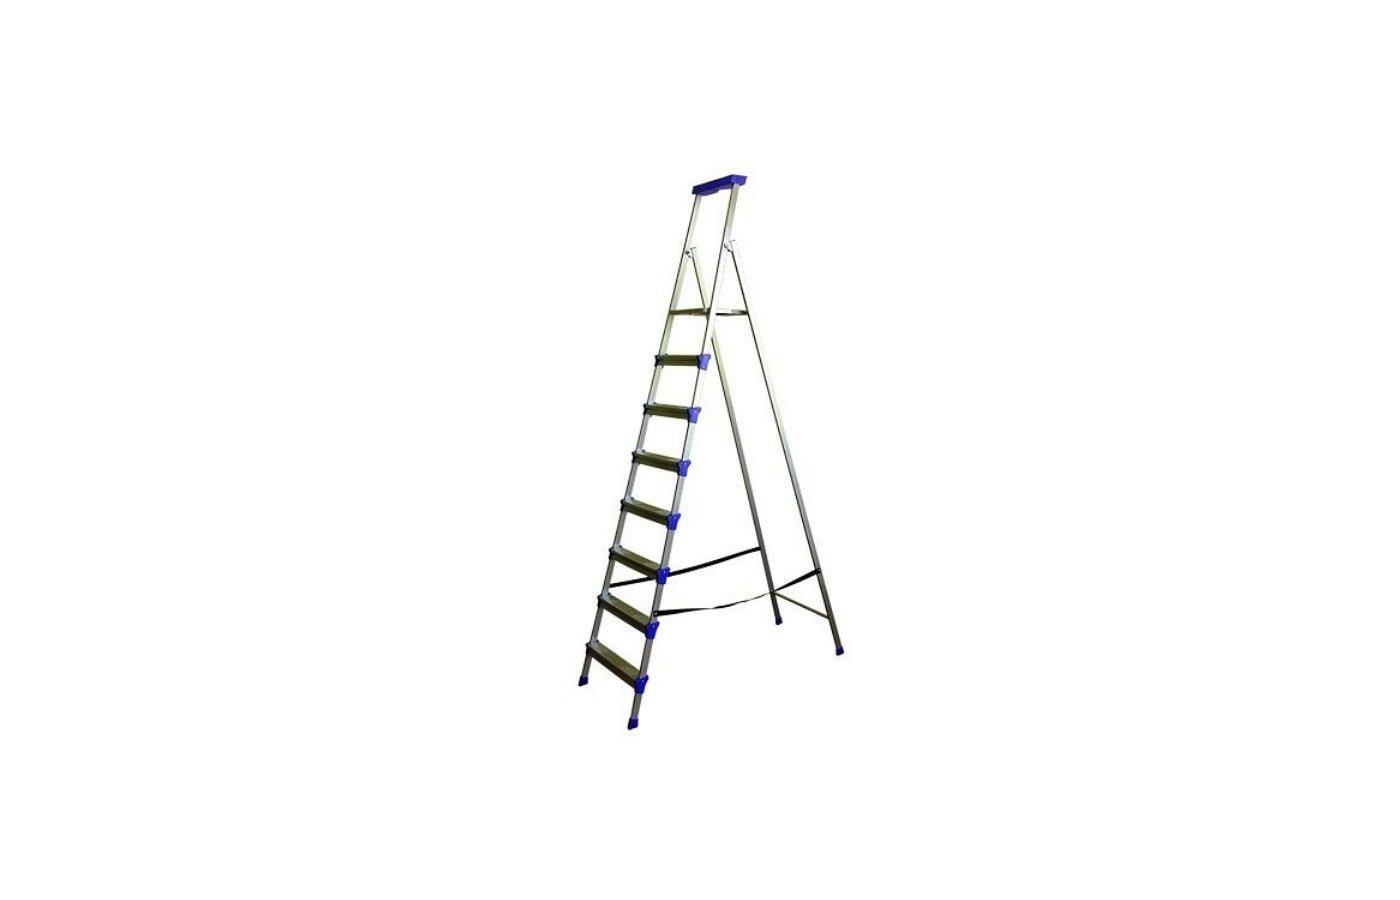 Лестница Лестница-стремянка НИКА СМ8 2300 см 100 кг 8 ступеней, метал